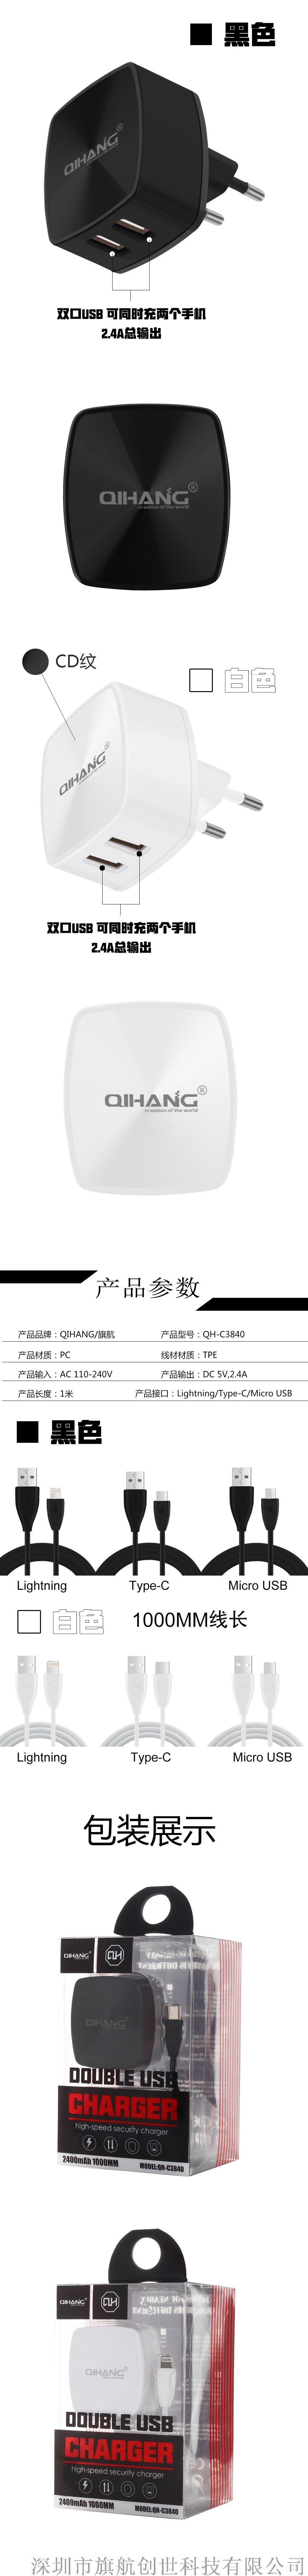 QH-C3840(中文)